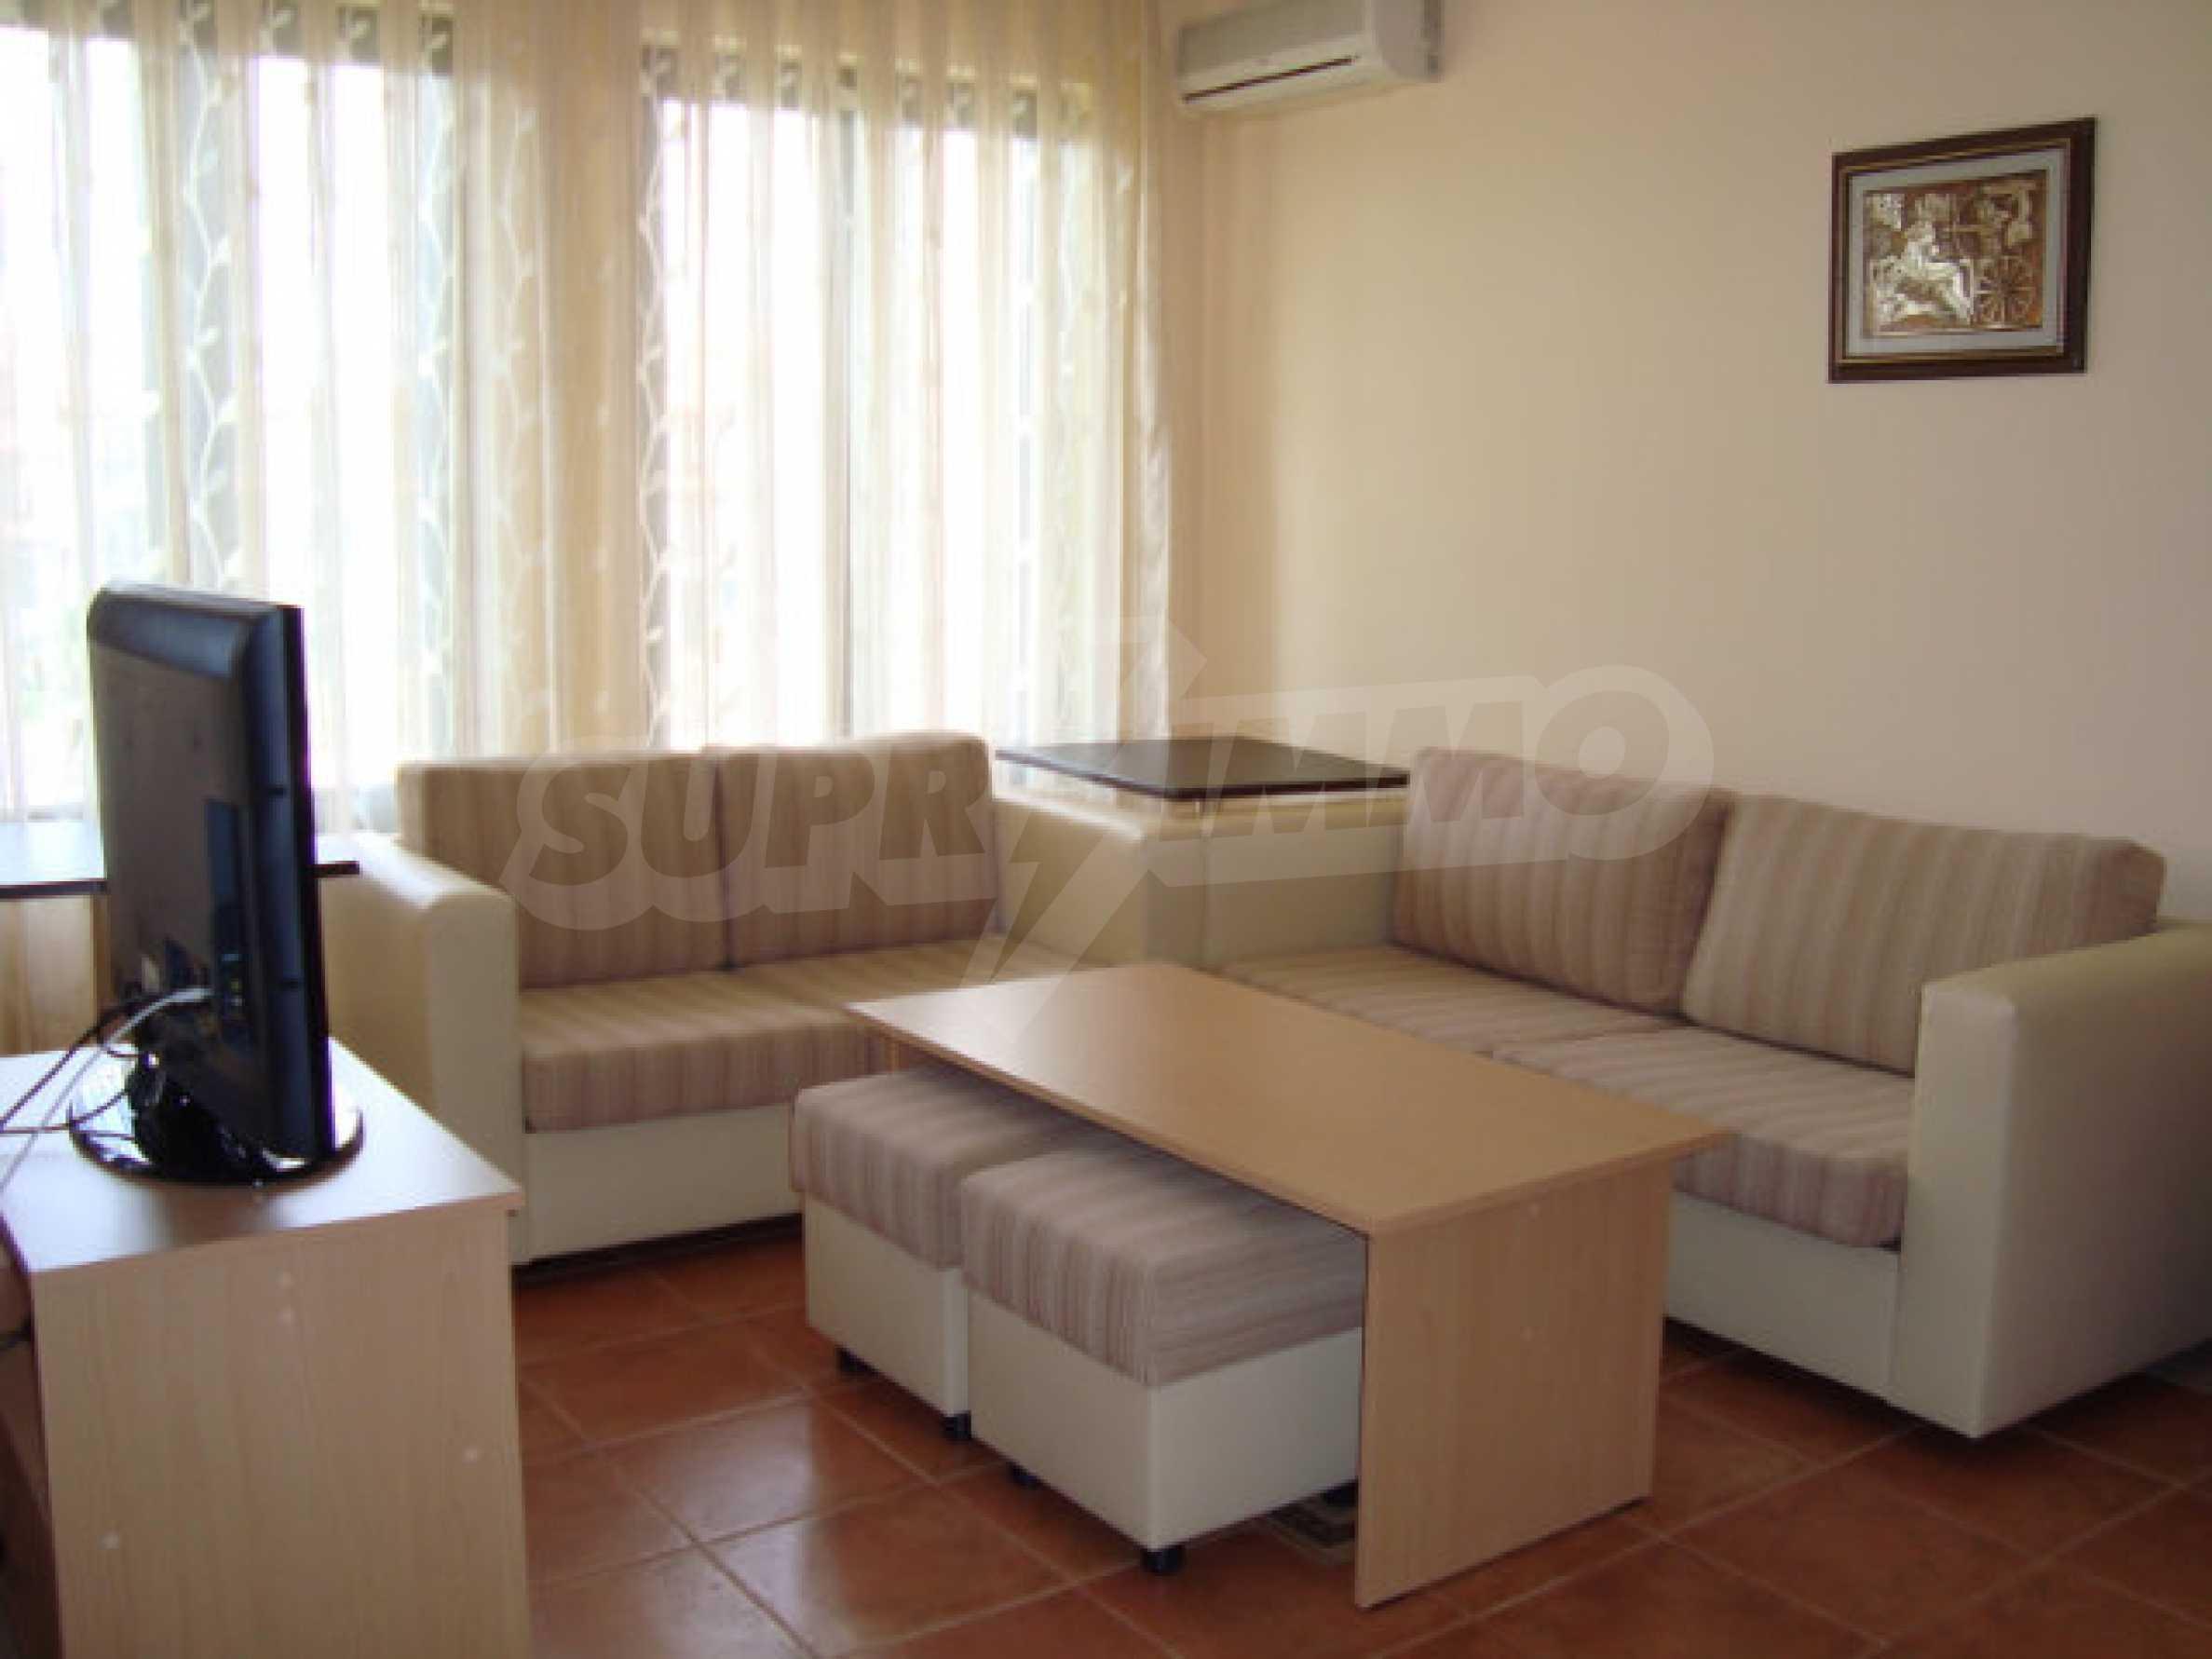 Luxus-Apartment mit zwei Schlafzimmern in einem ausgezeichneten Komplex in Chernomorets 7